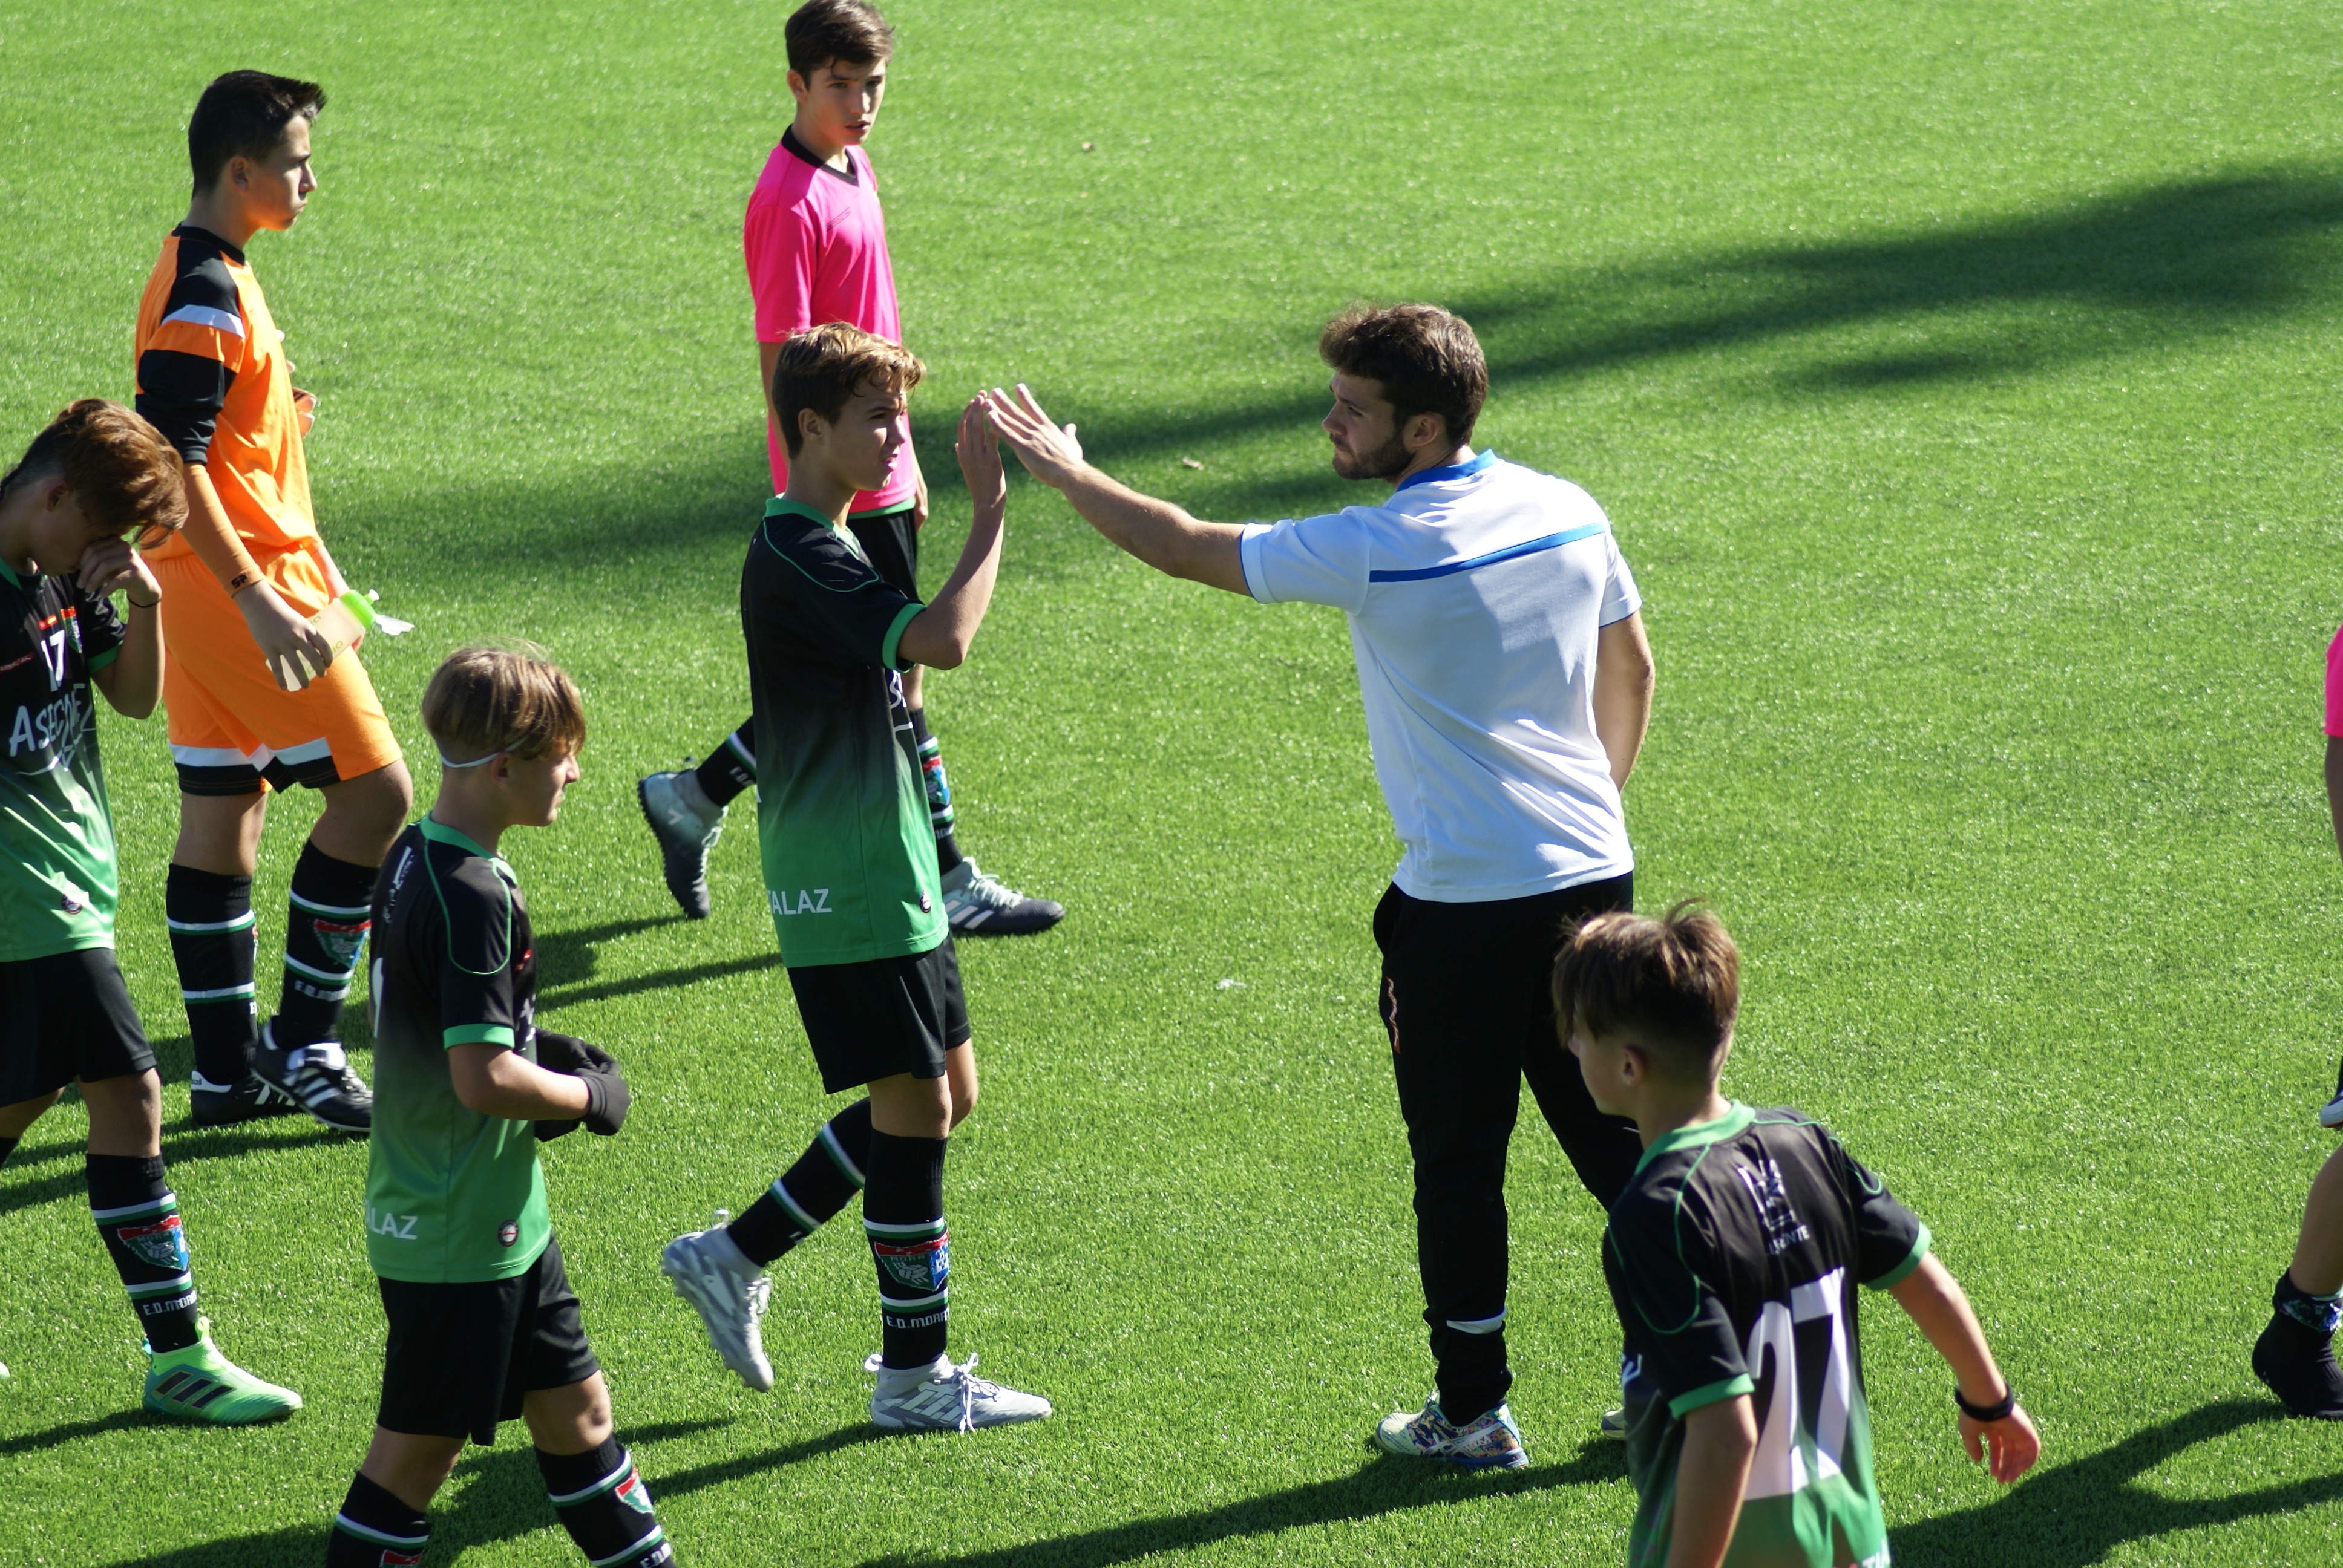 Fotos del partido Real Madrid 5-0 Infantil A